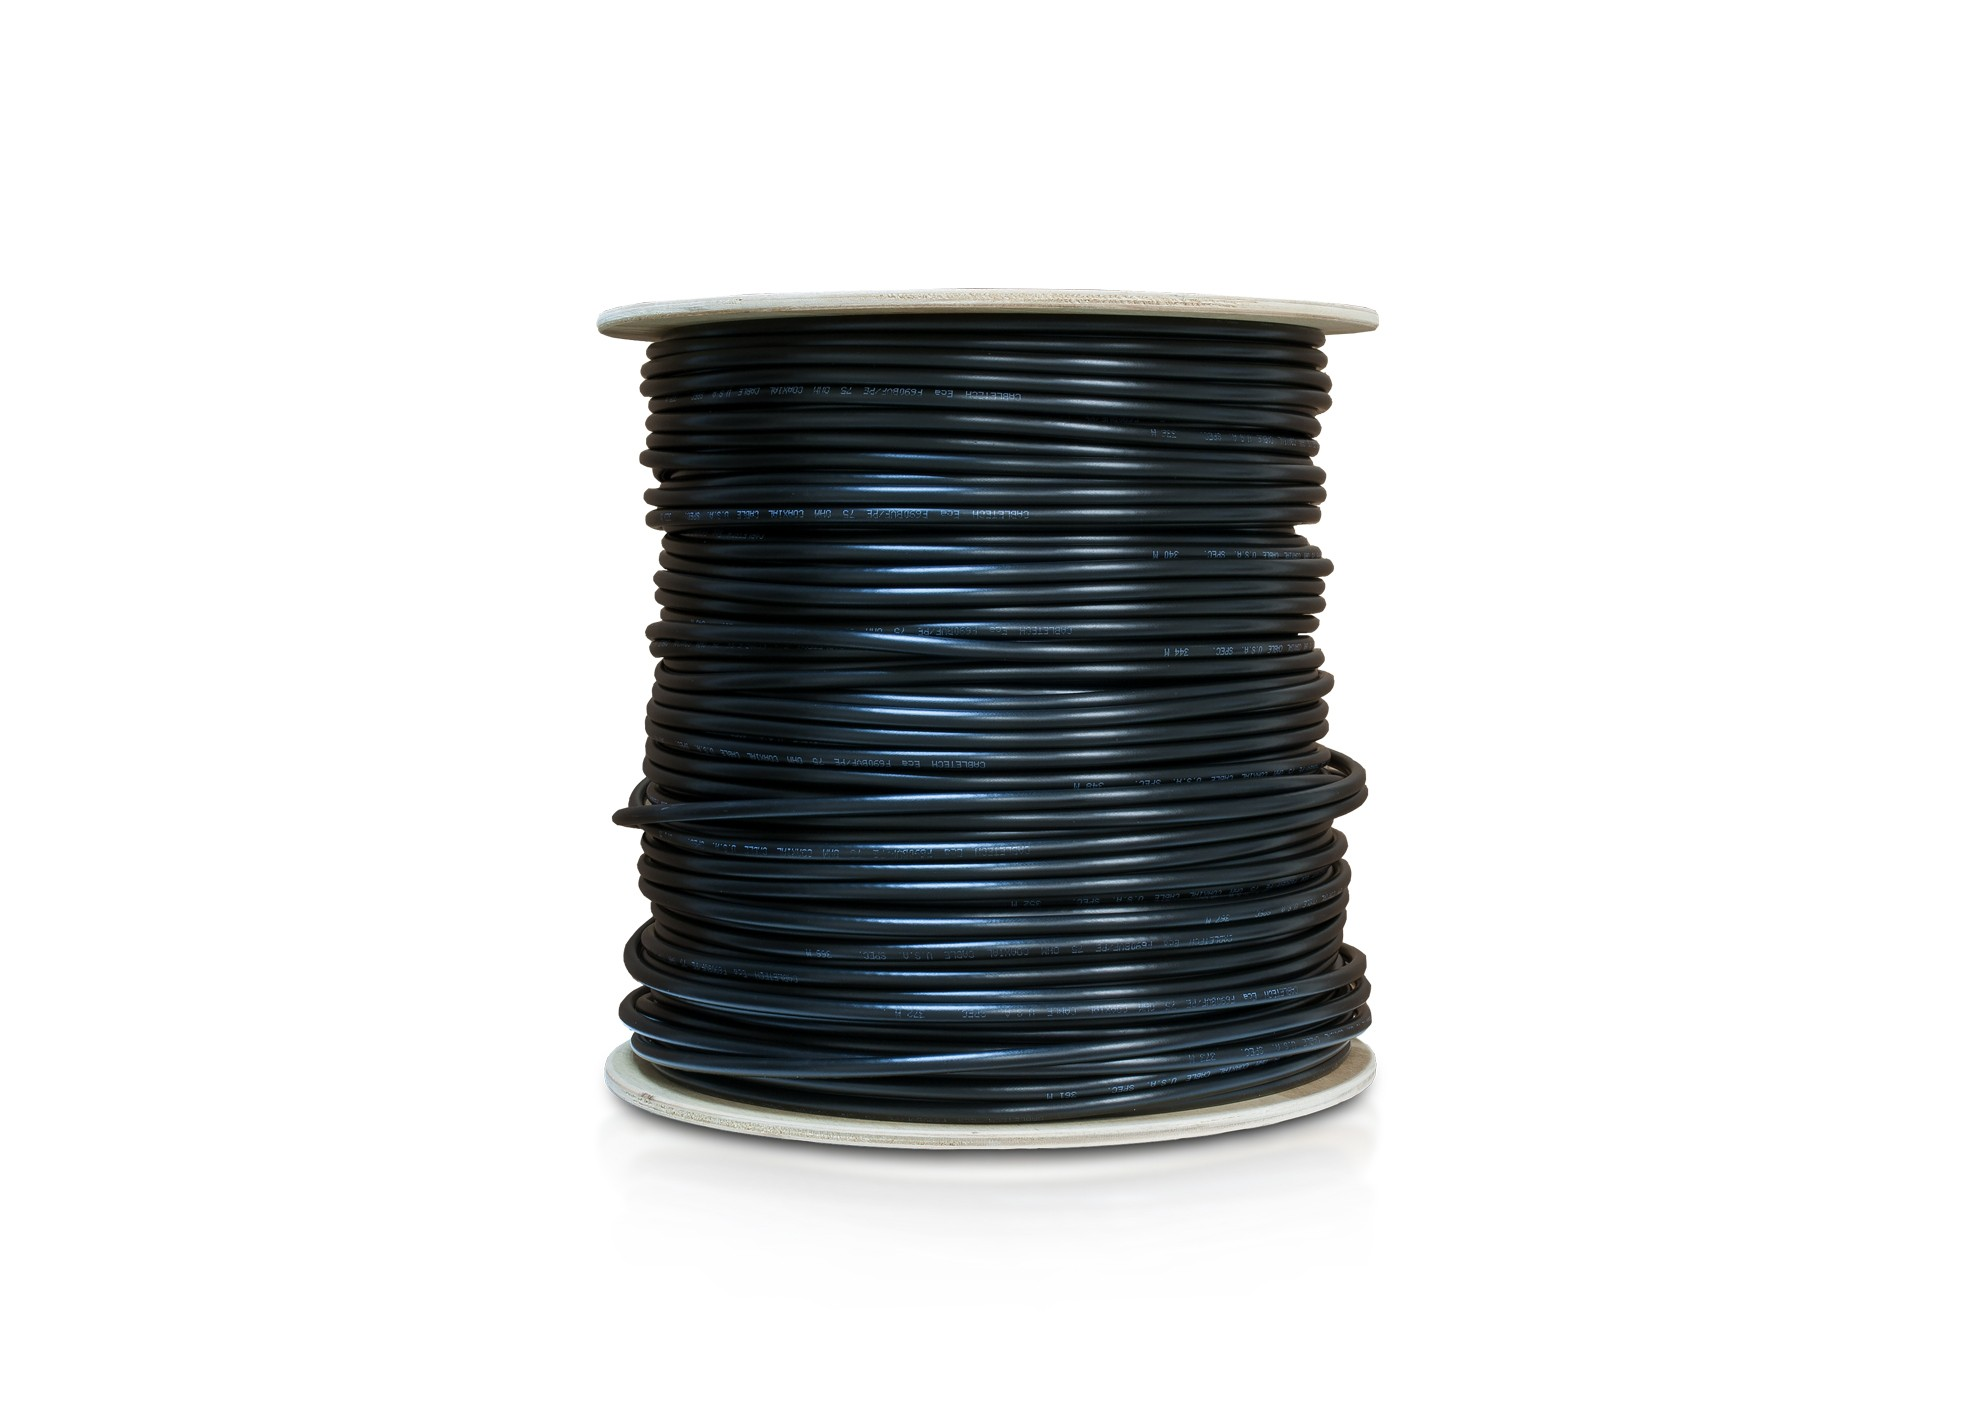 Kábel koaxiál RG6 polyetylén 305m roll čierny